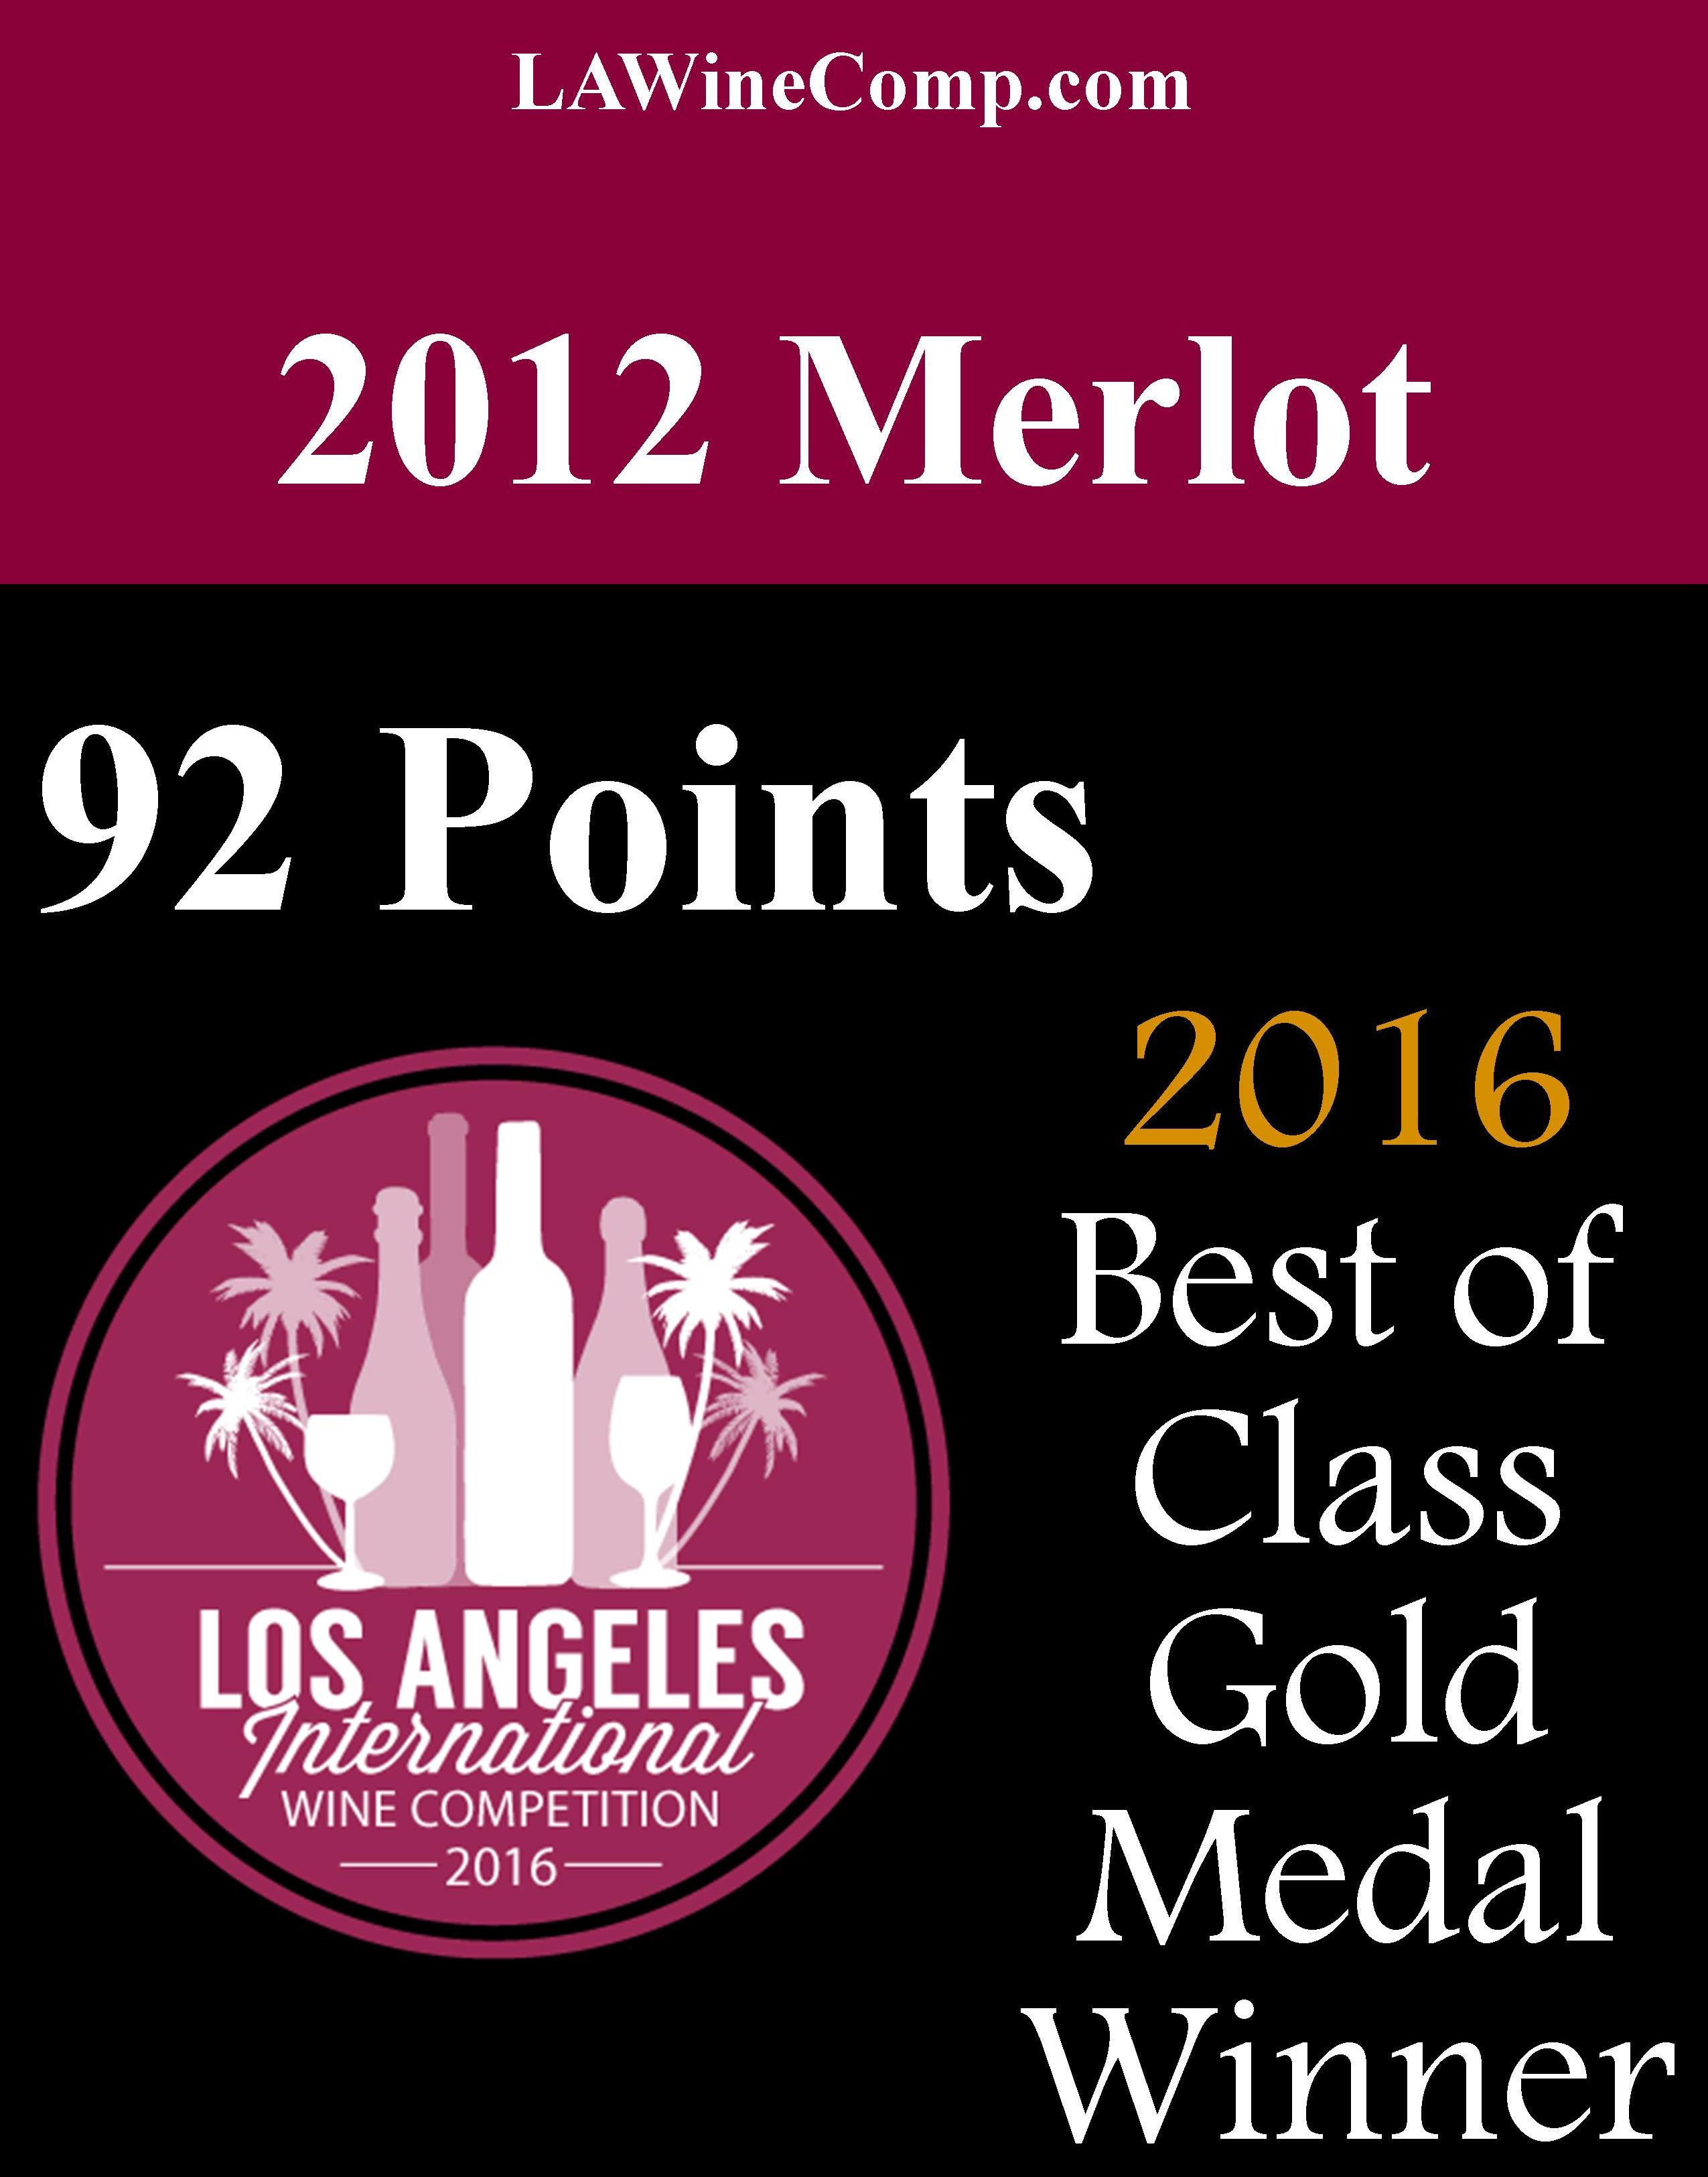 2012 Merlot